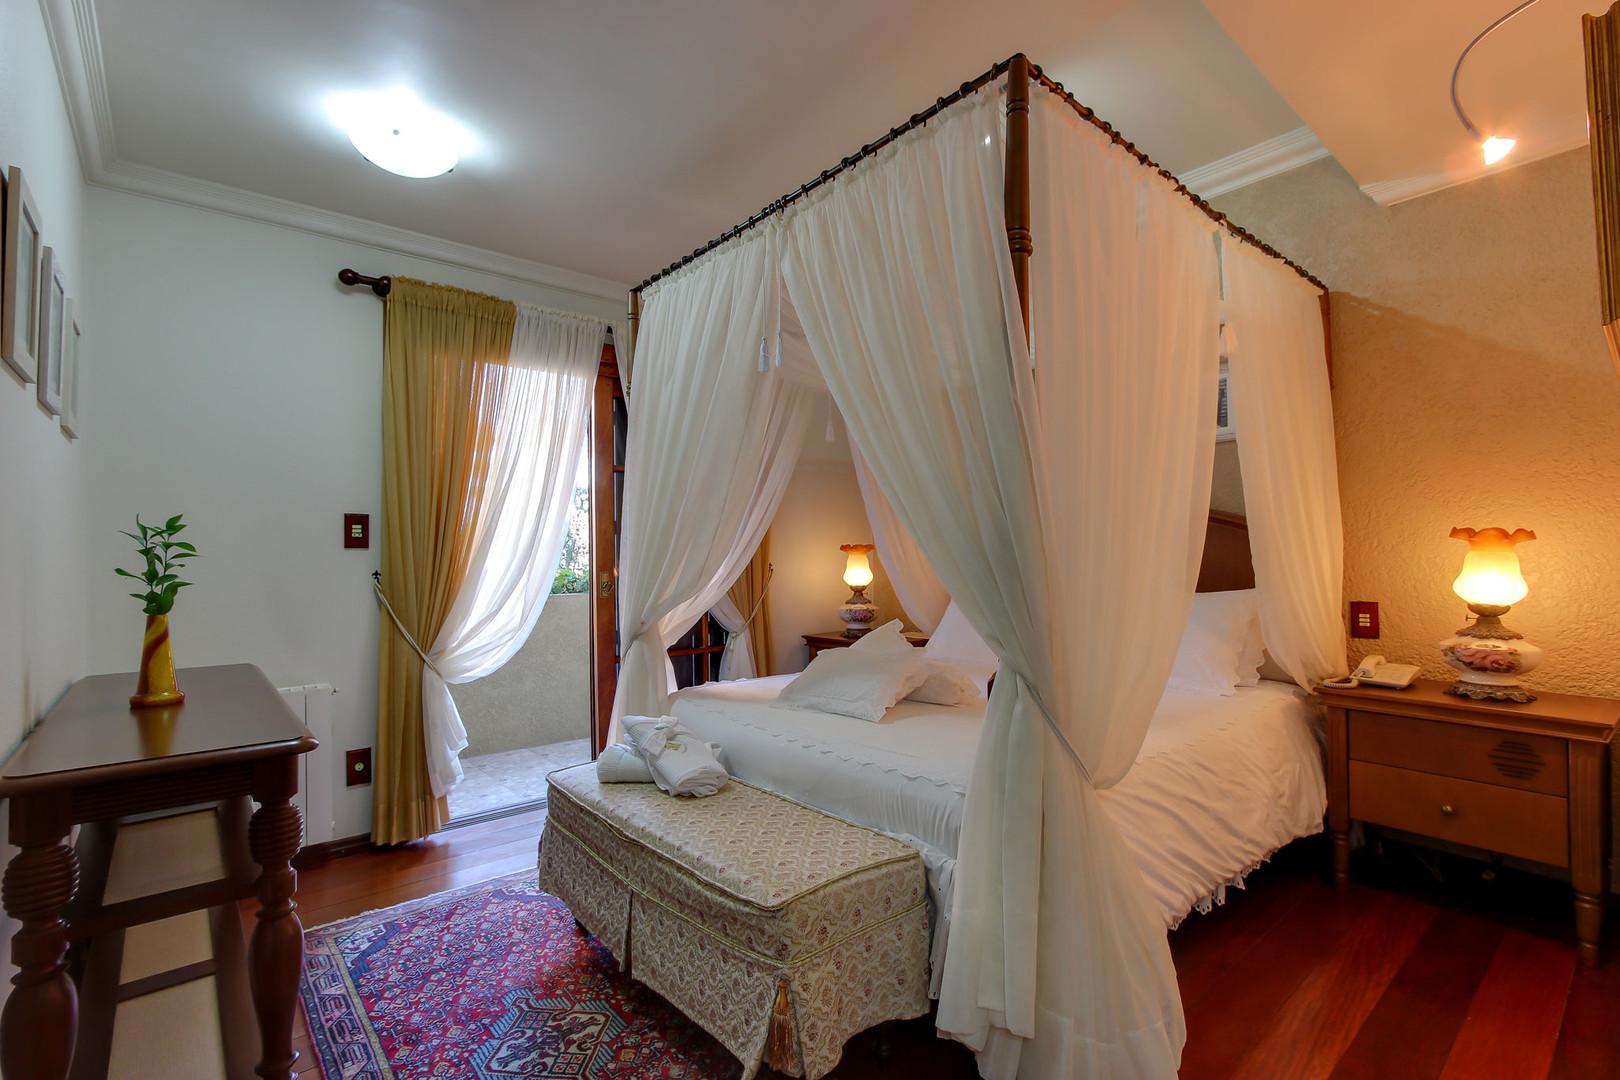 Cama com dossel - Apartamento SUPER LUXO ESPECIAL